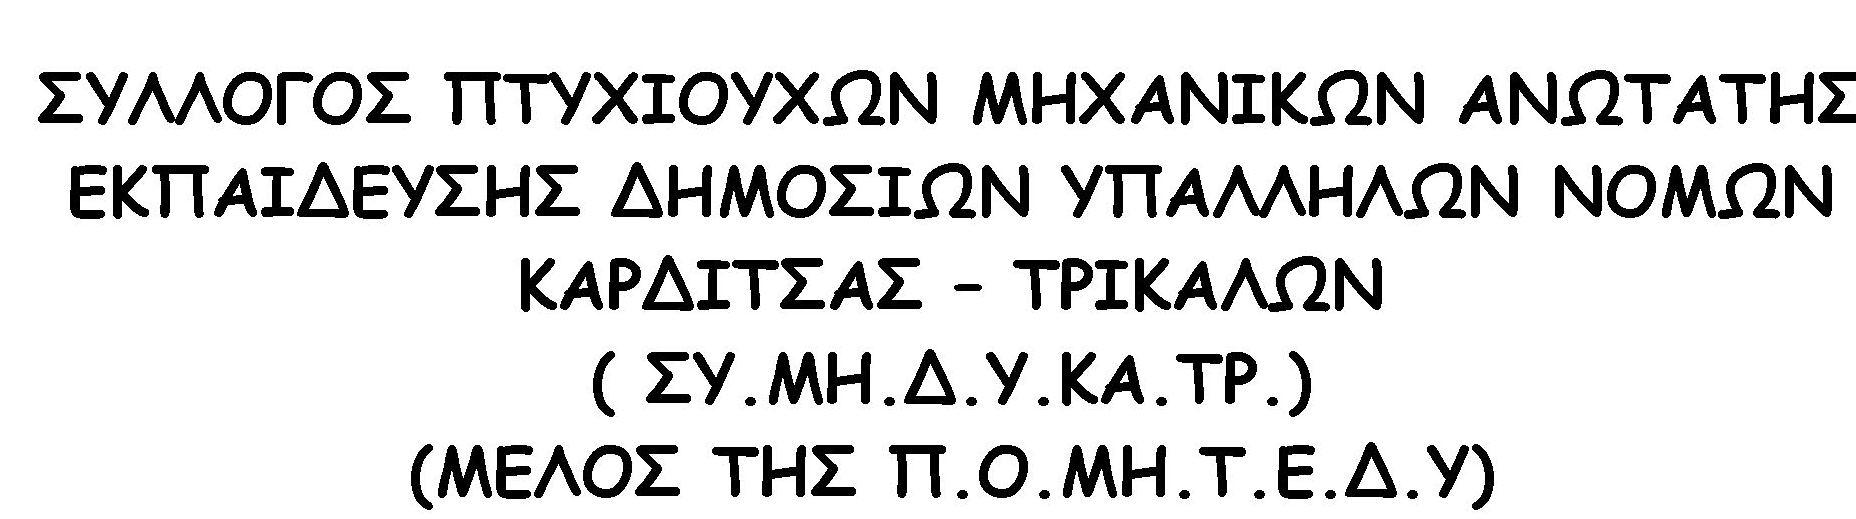 logo symidikatr